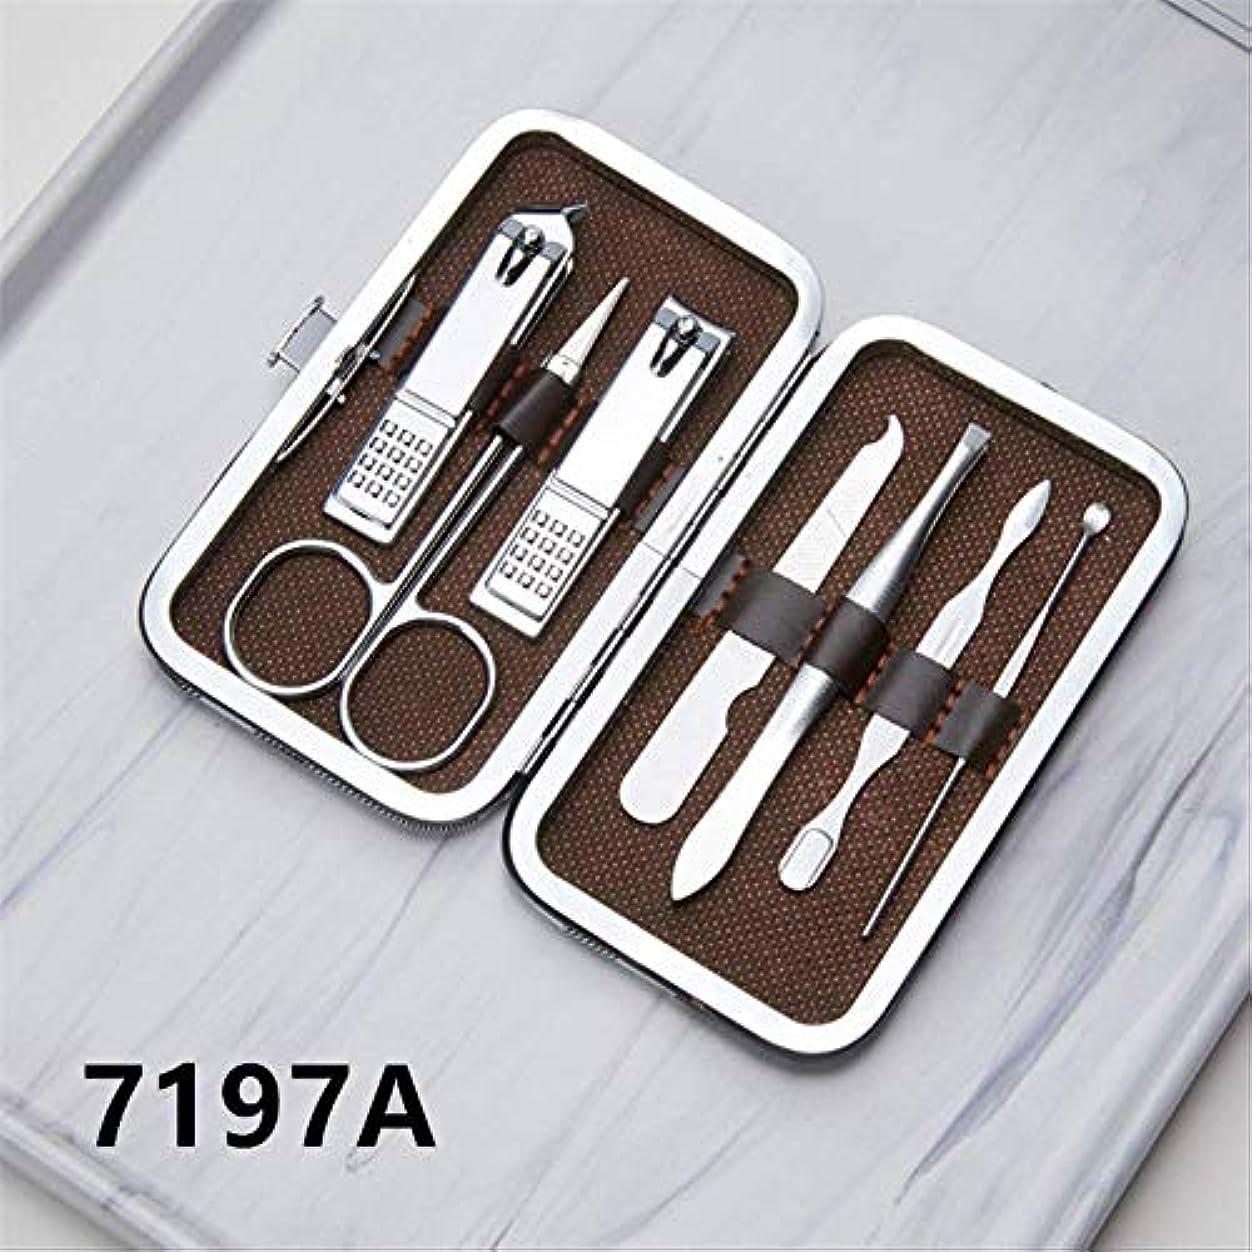 ウガンダ汚れた少なくとも爪切りセット16ピースペディキュアナイフ美容プライヤー爪ツール 7197A